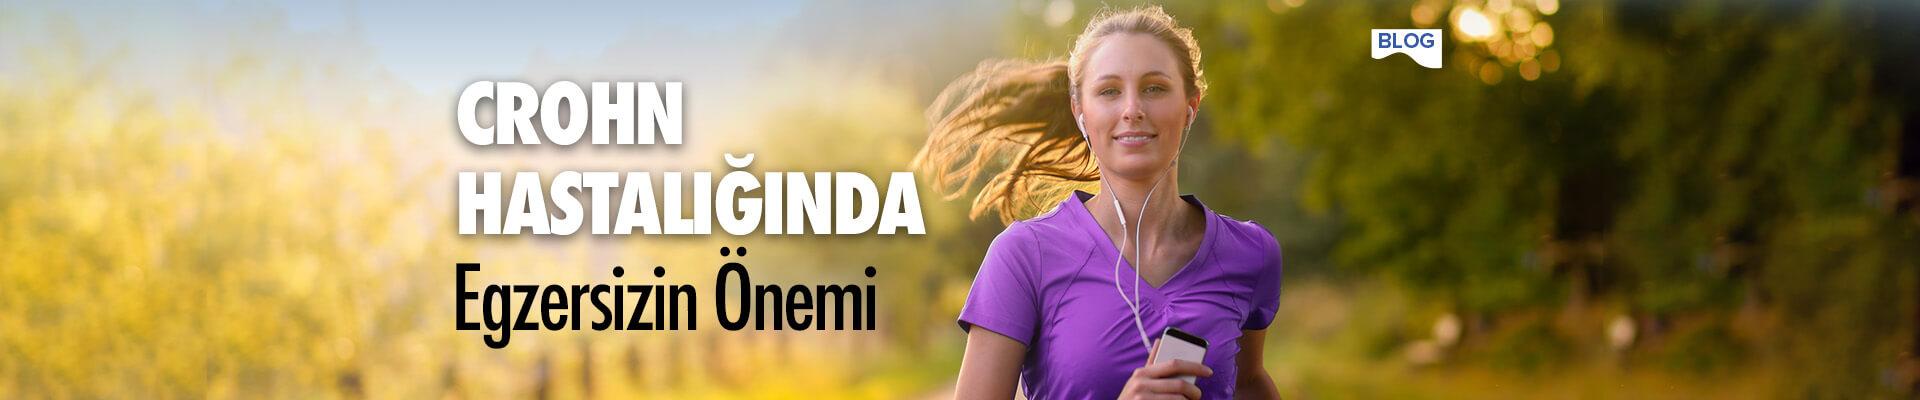 Crohn Hastalığında Egzersizin Önemi